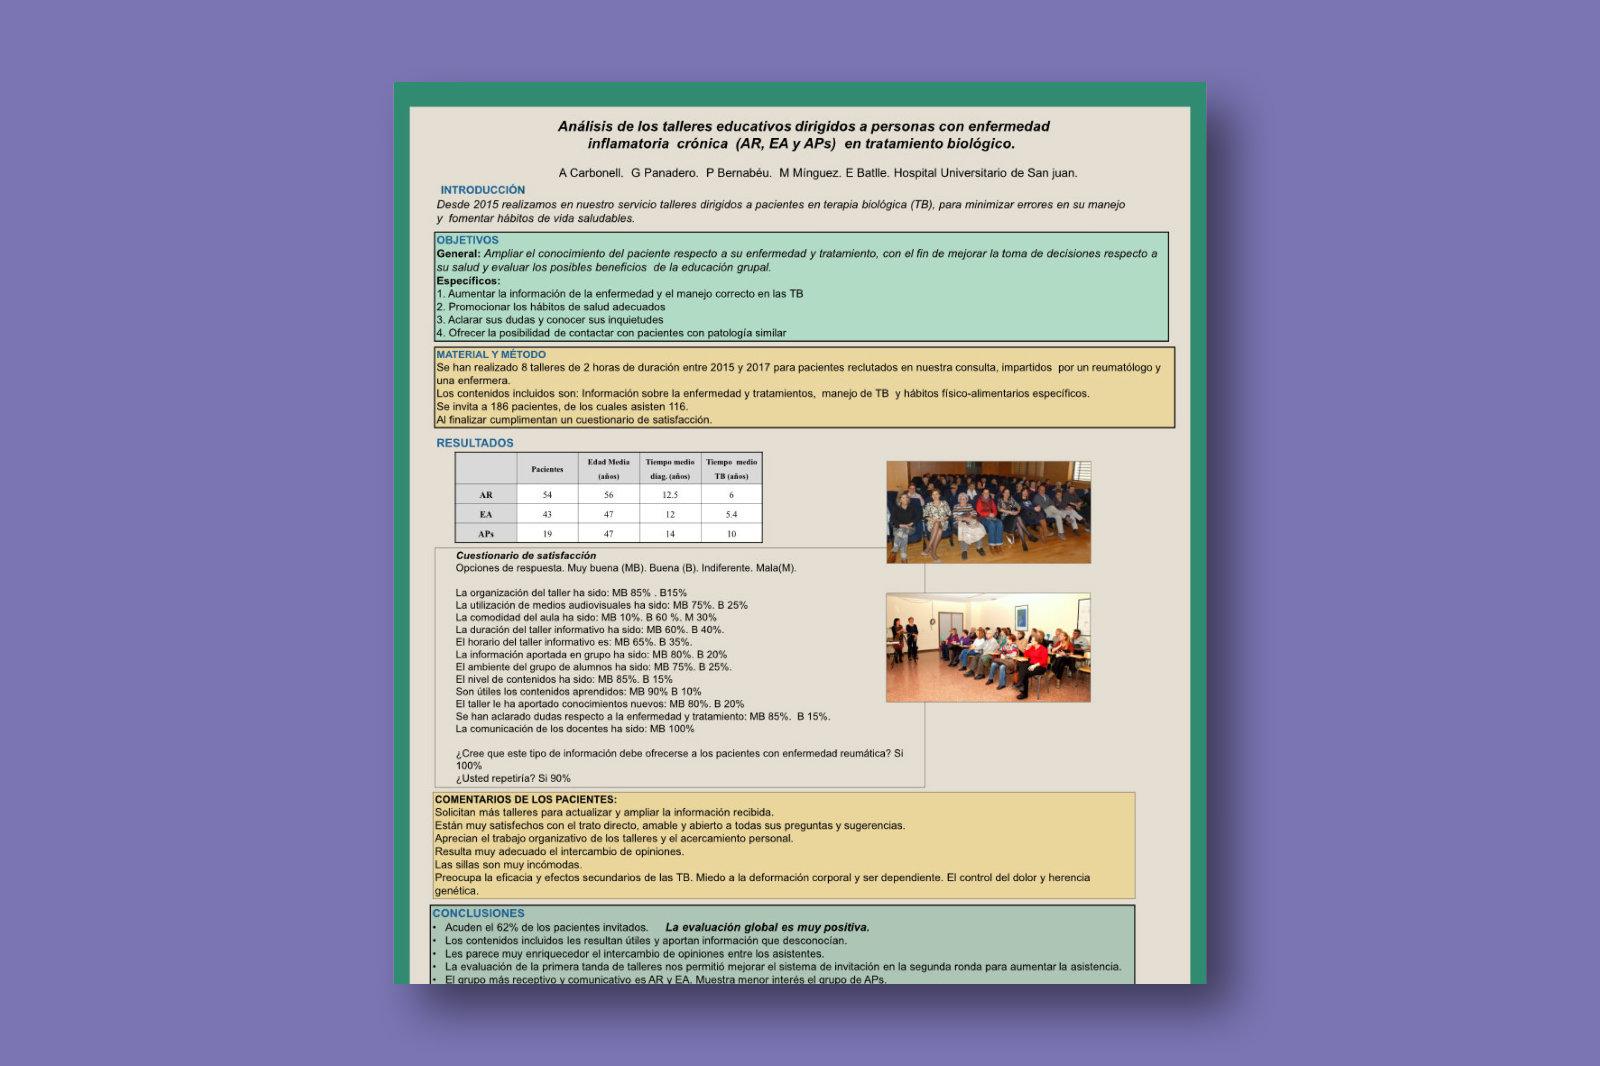 Análisis de los talleres educativos dirigidos a personas con enfermedad inflamatoria crónica (AR, EA y APs) en tratamiento biológico